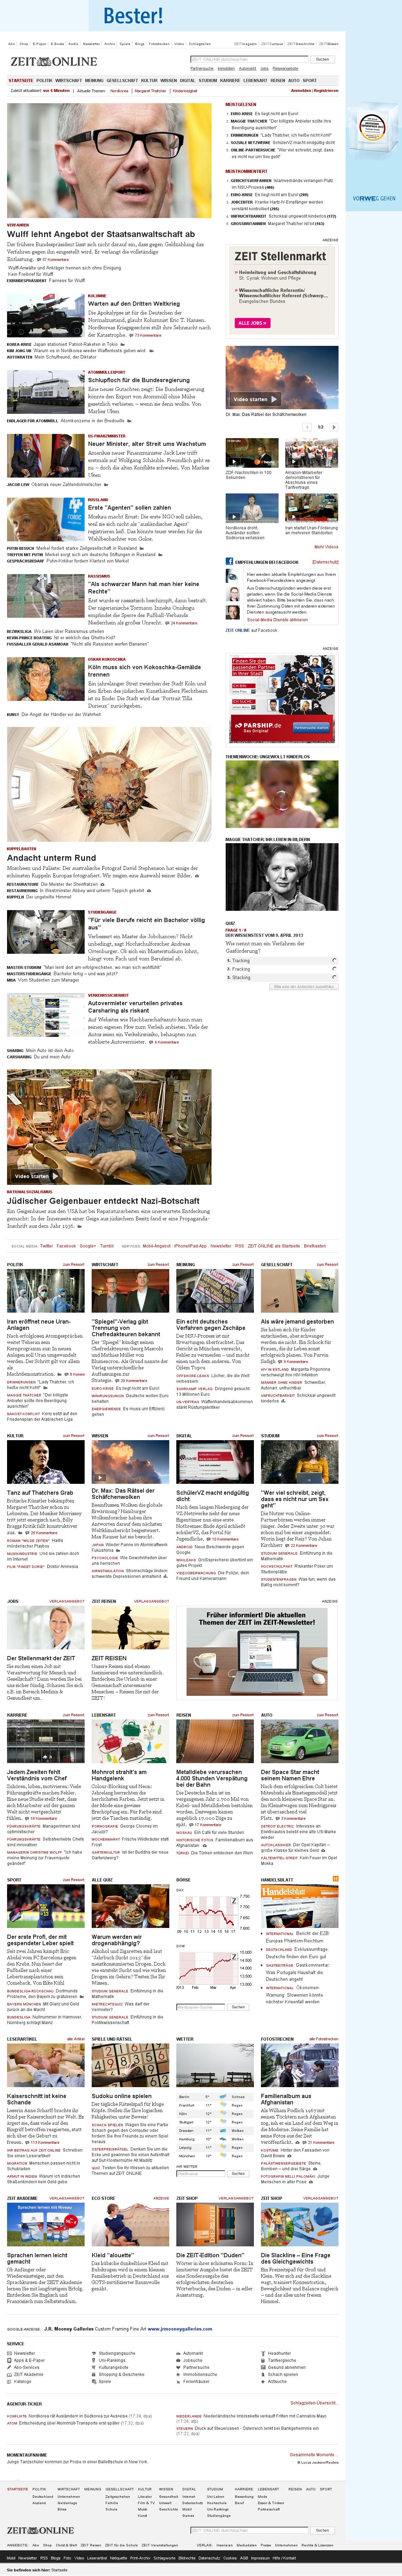 Zeit Online at Tuesday April 9, 2013, 3:37 p.m. UTC